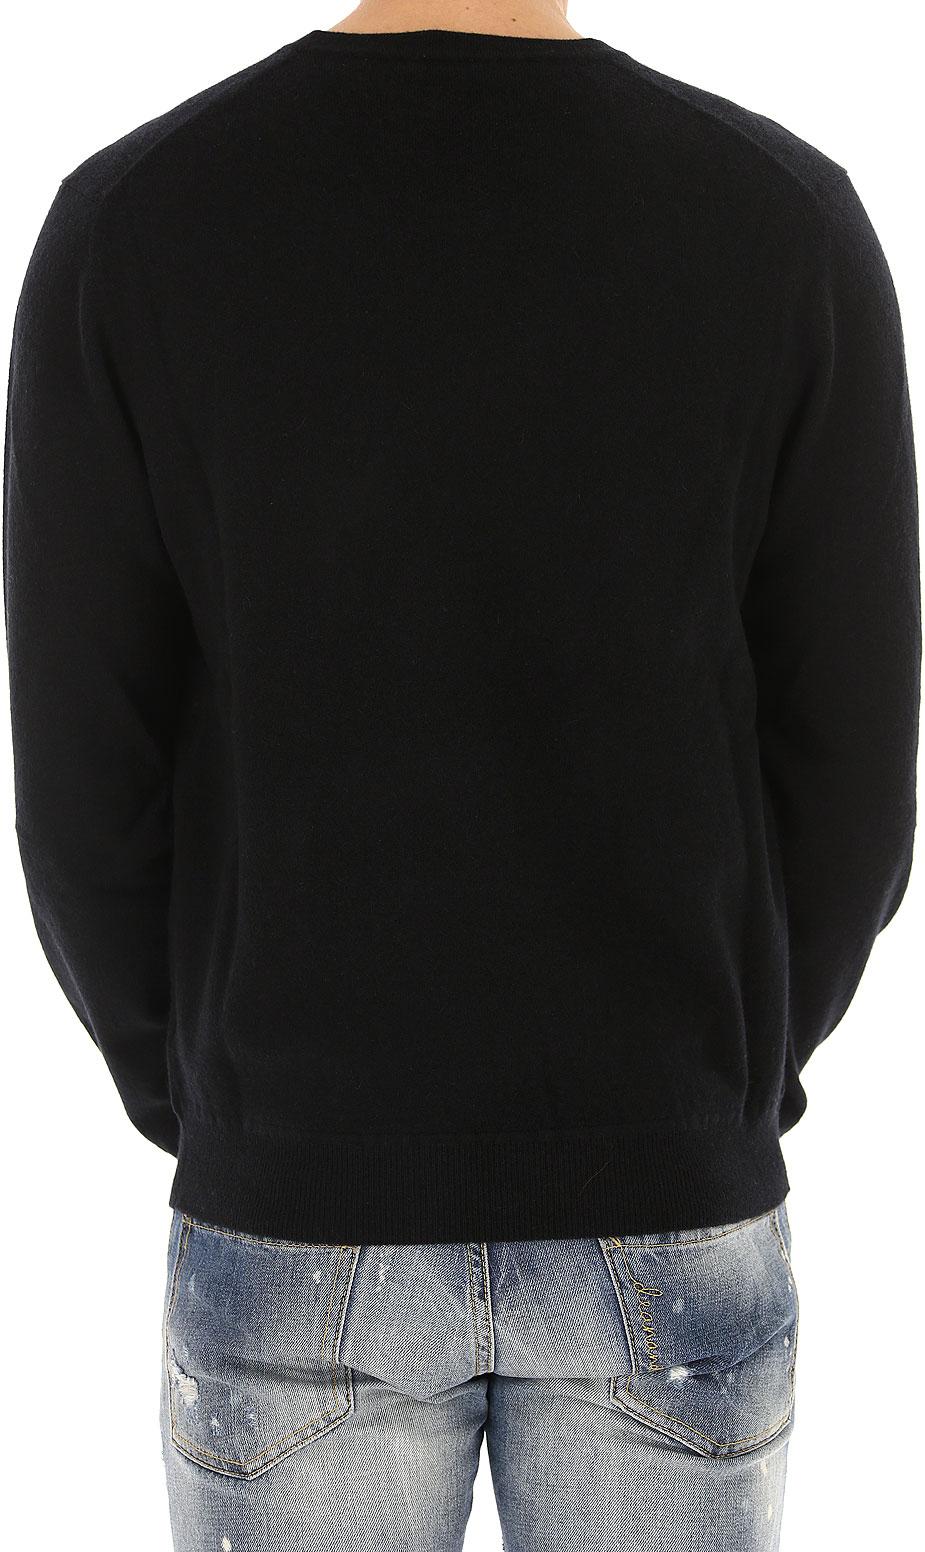 Abbigliamento Uomo Ermenegildo Zegna Codice Articolo Vnh10-zz110-k09